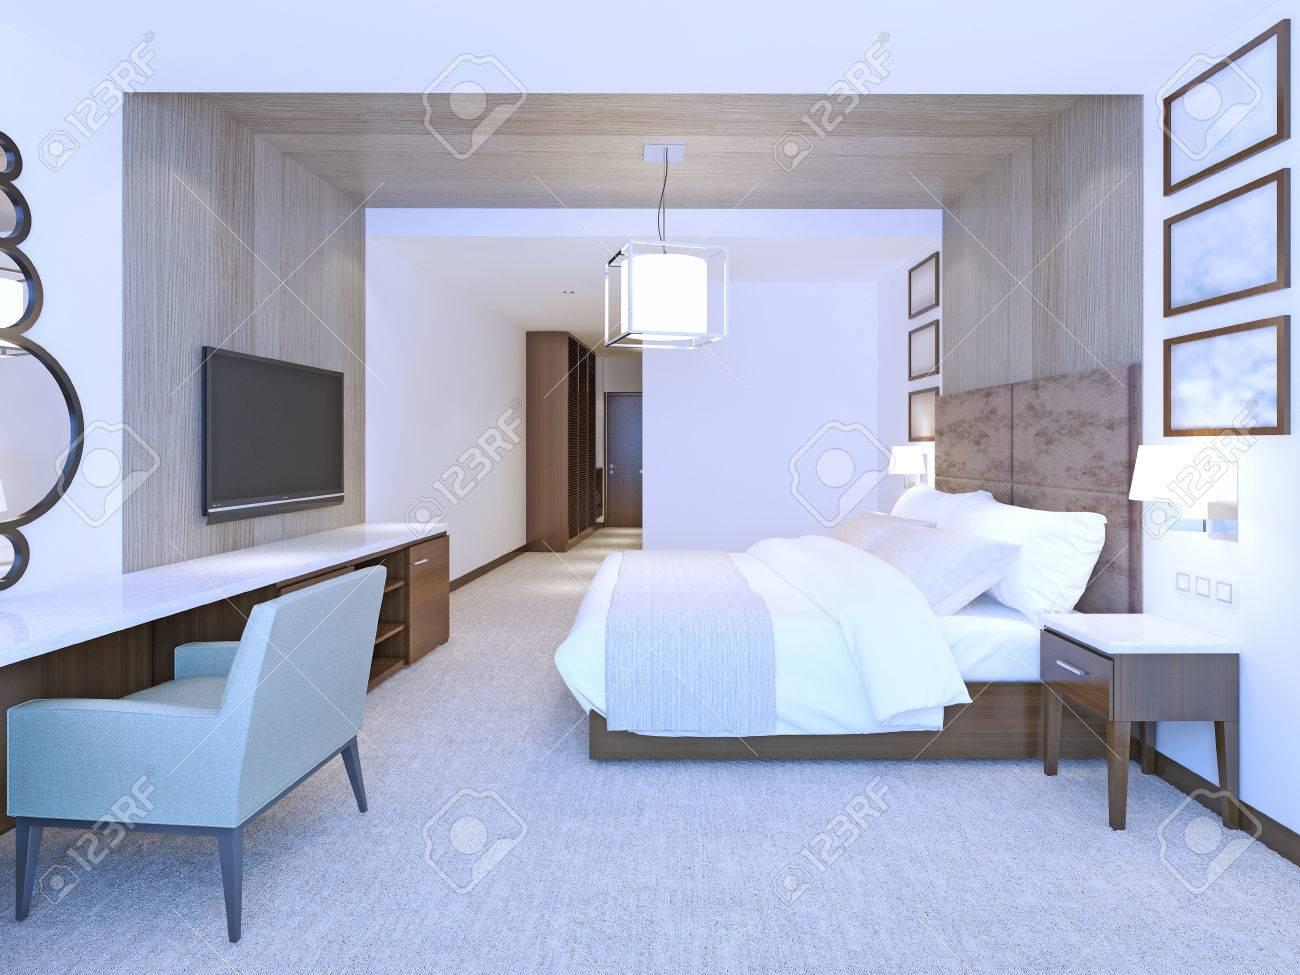 Idee van de moderne slaapkamer groot tweepersoonsbed met suède